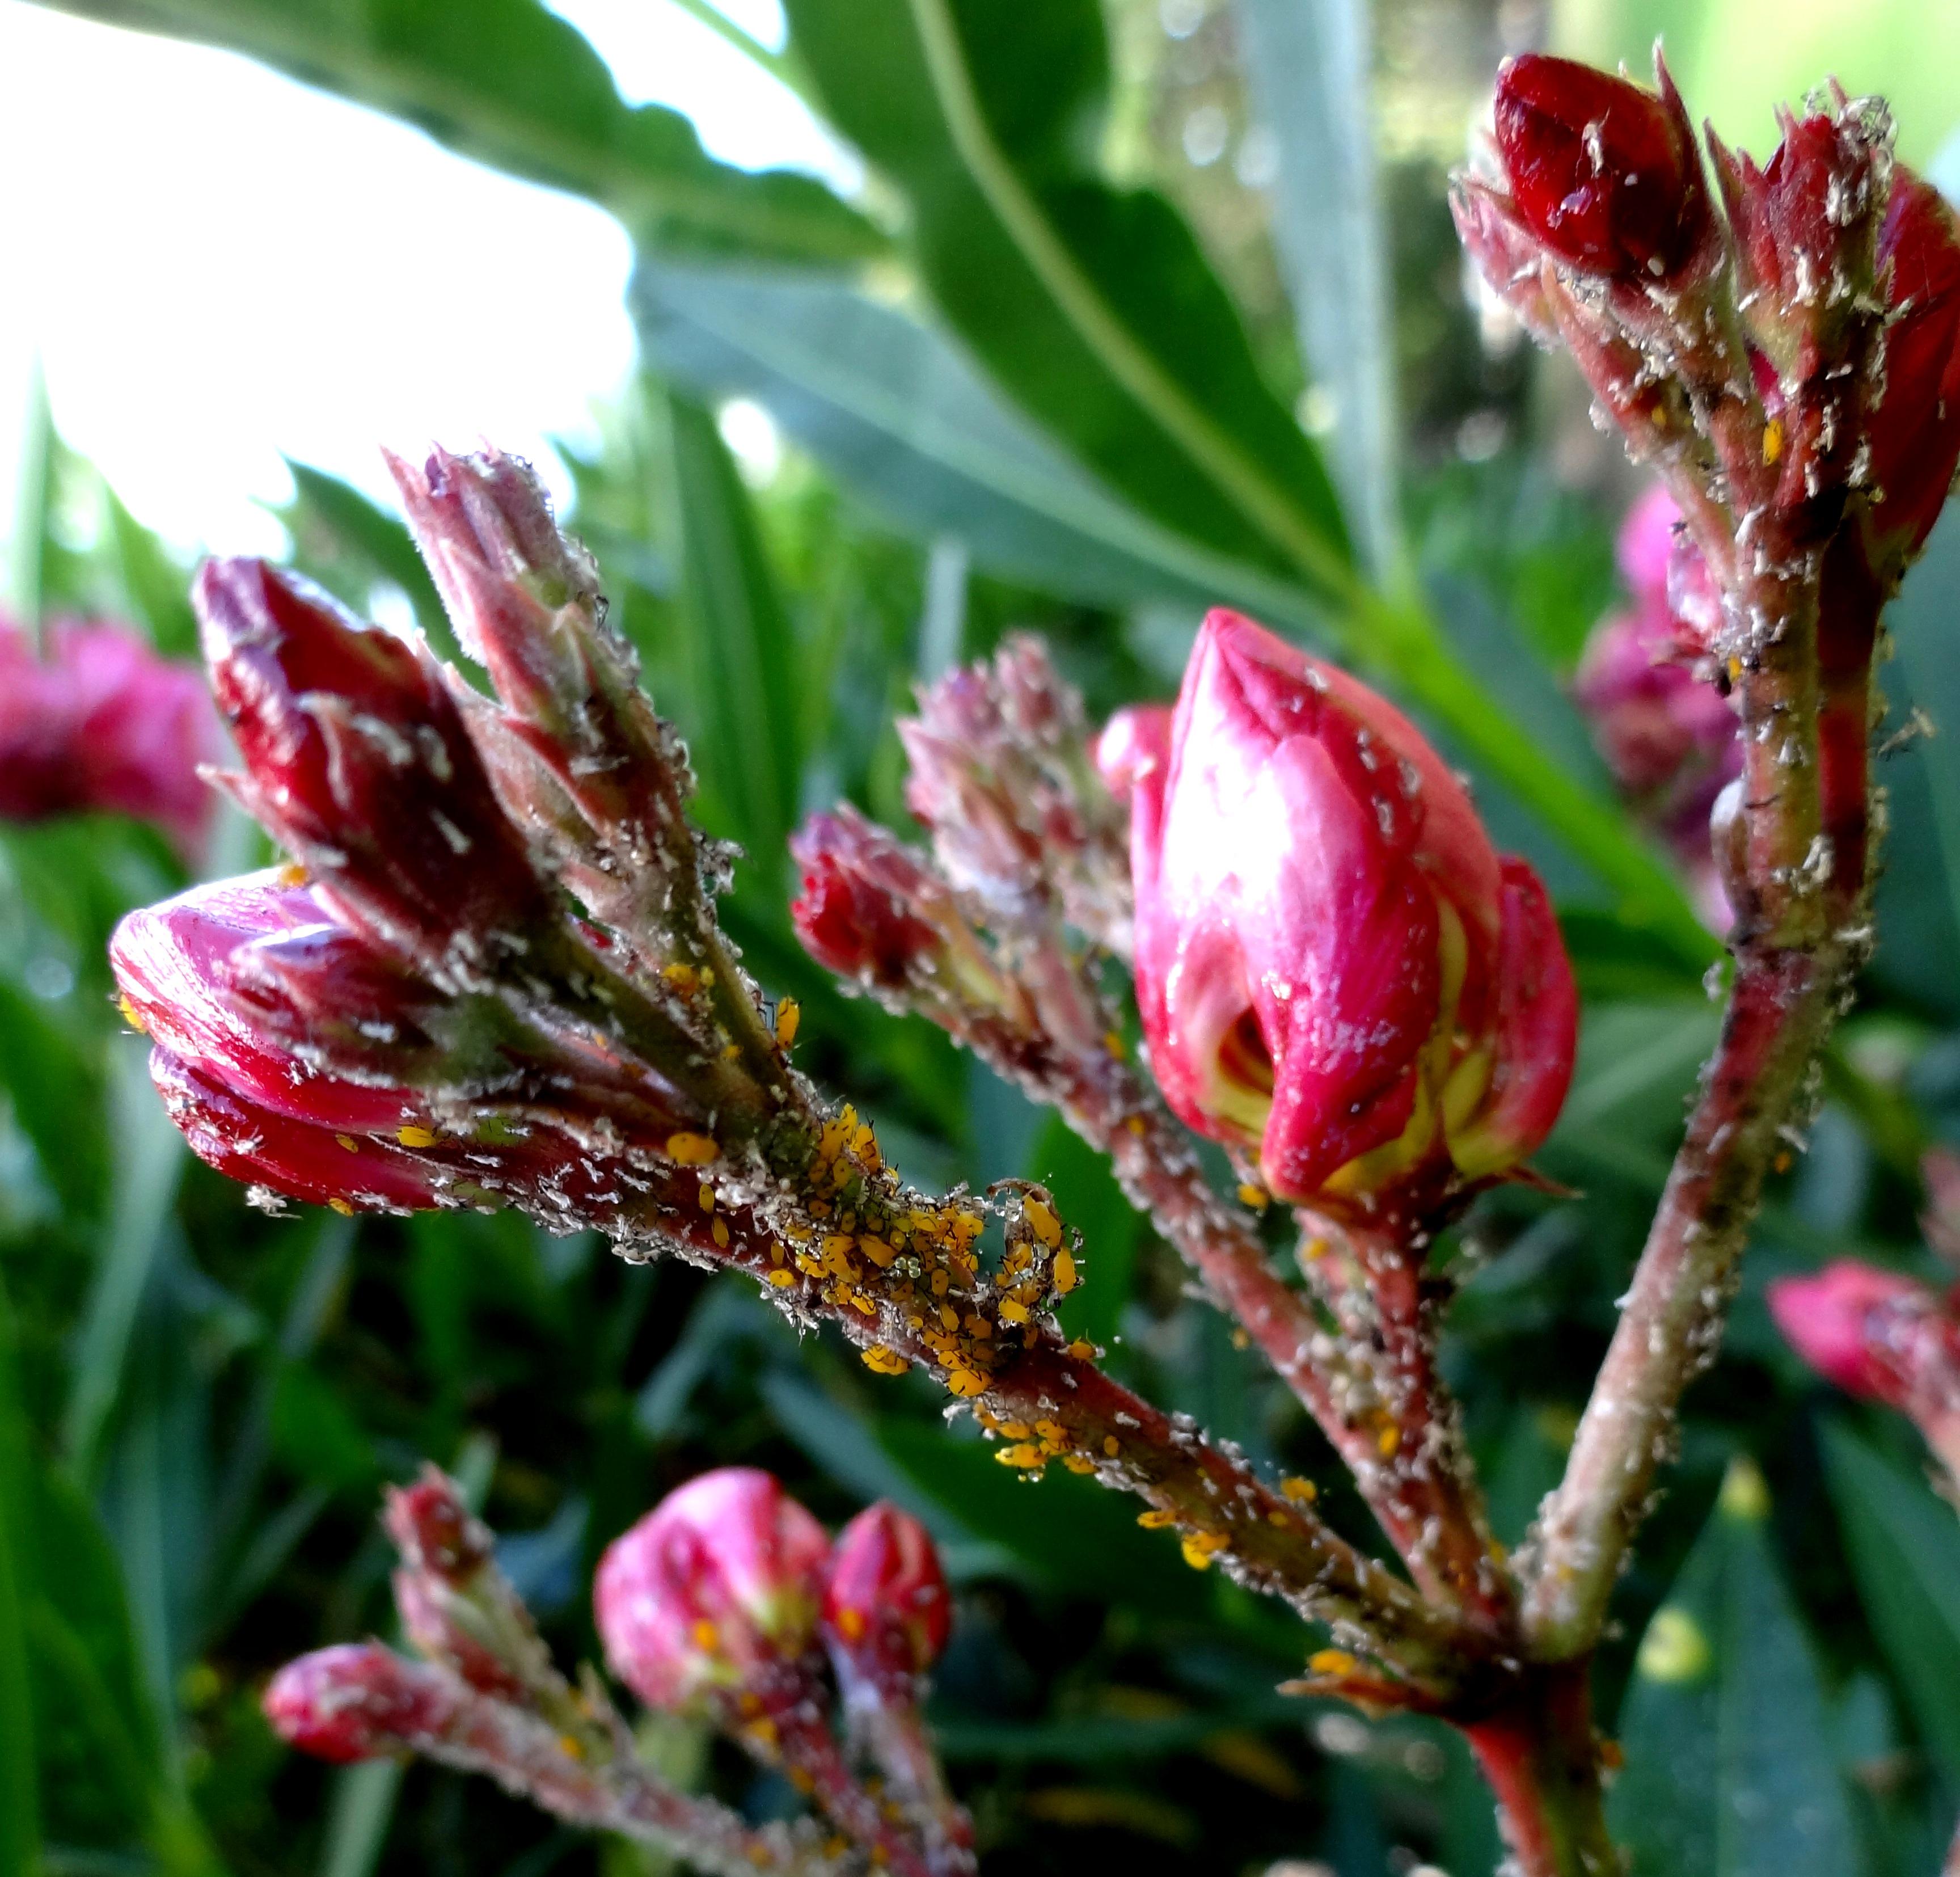 Oleander Standort Garten: Krebs, Spinnmilben Und Läuse Am Oleander